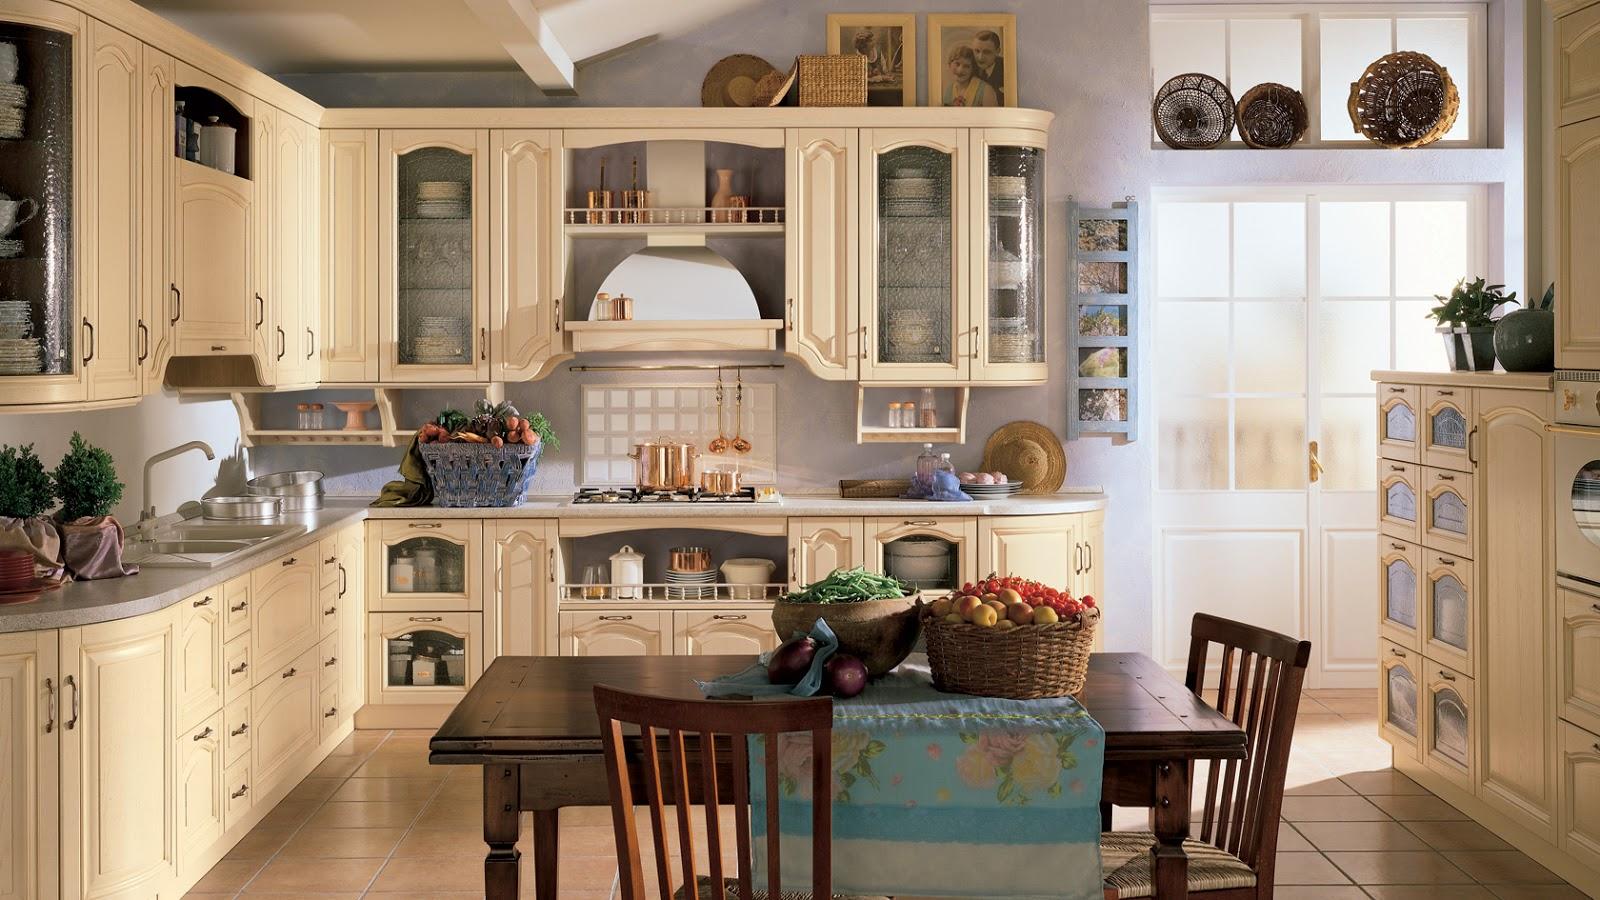 Cucina classica Margot proposta nella versione ad angolo e finitura panna.